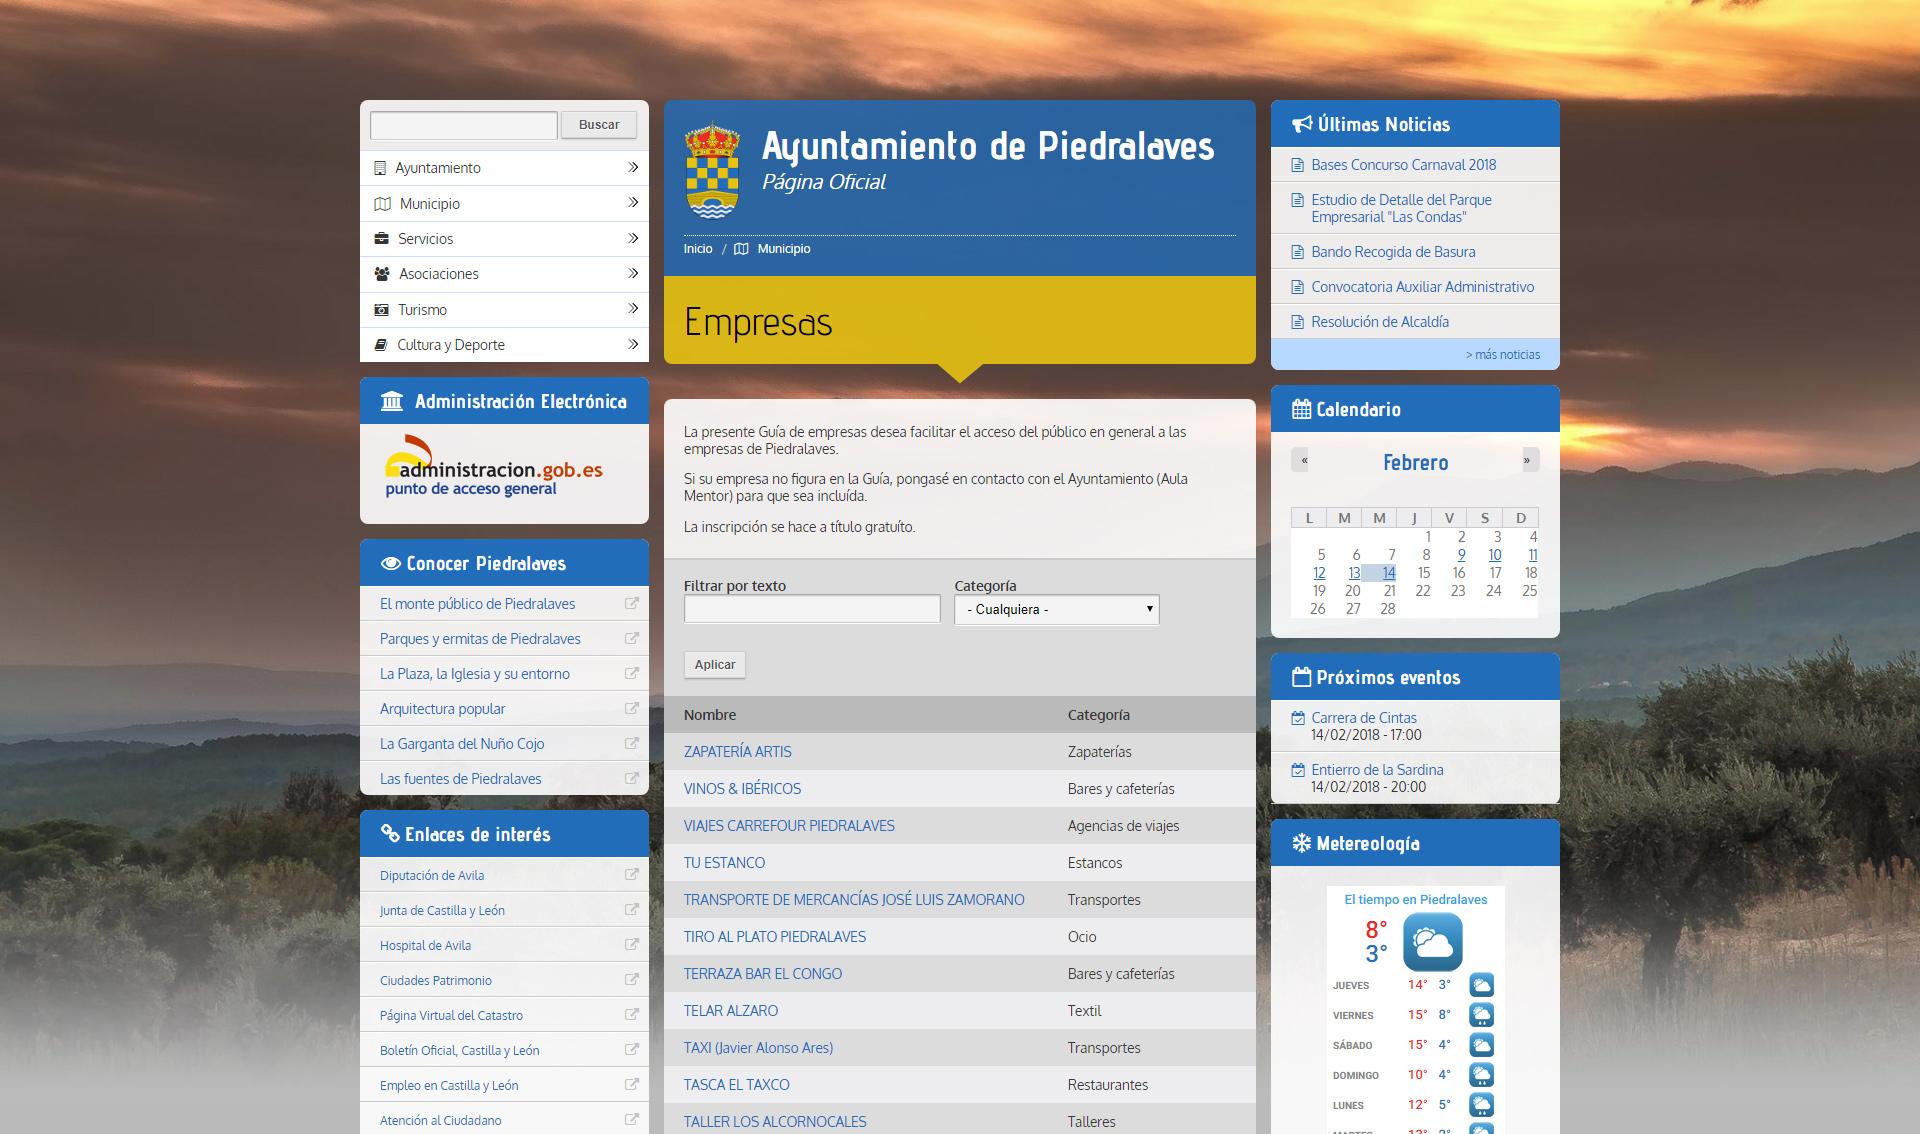 Ayuntamiento Piedralaves - Empresas